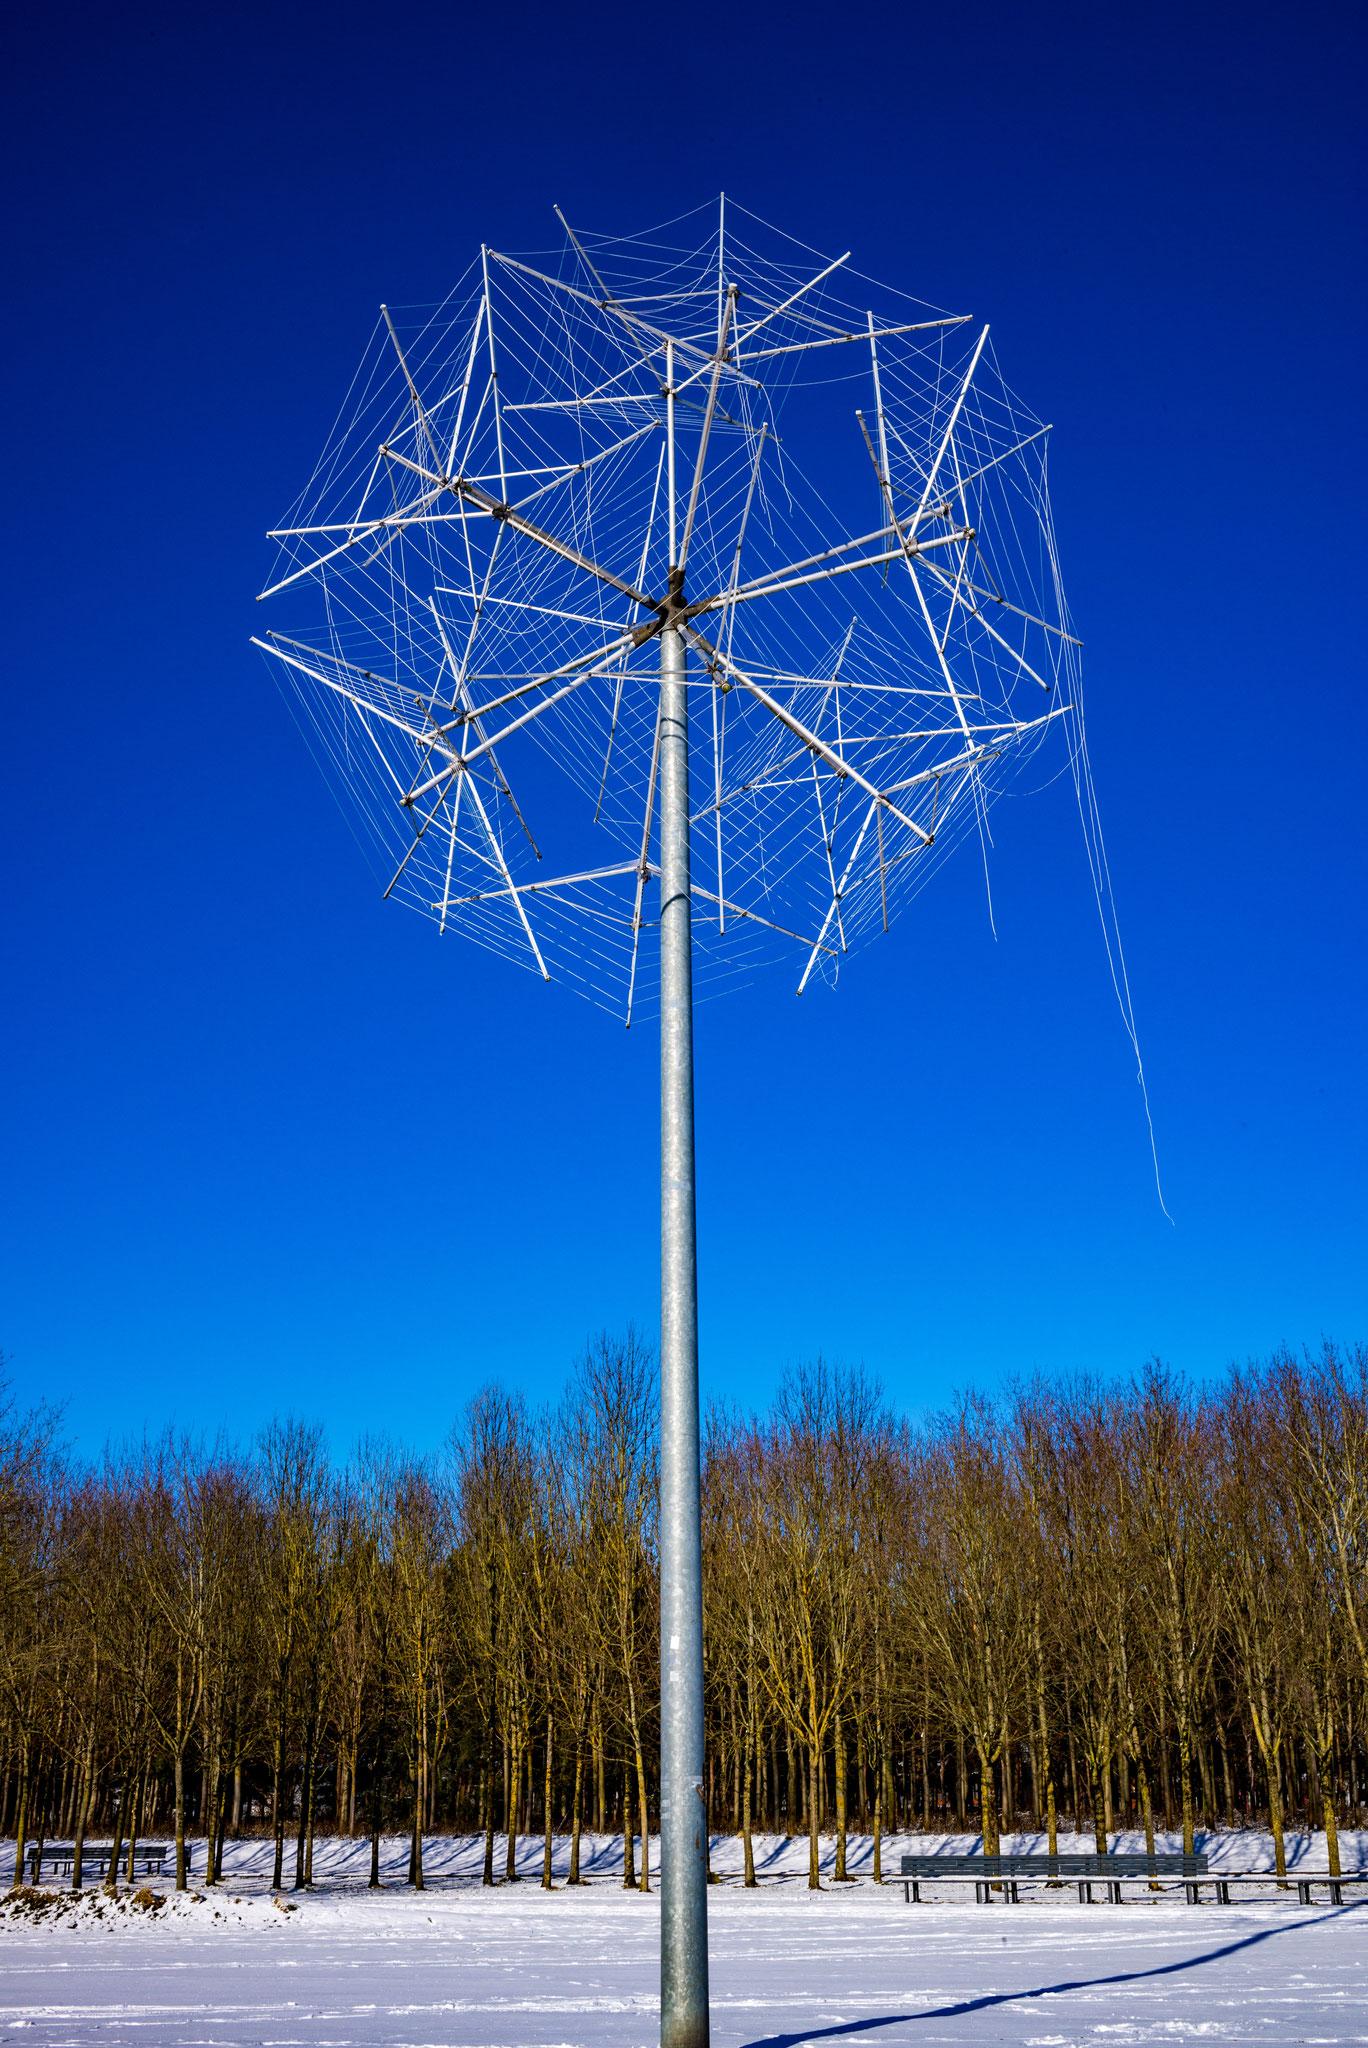 Skulptur im Riemer Park an einem sonnigen Wintertag.